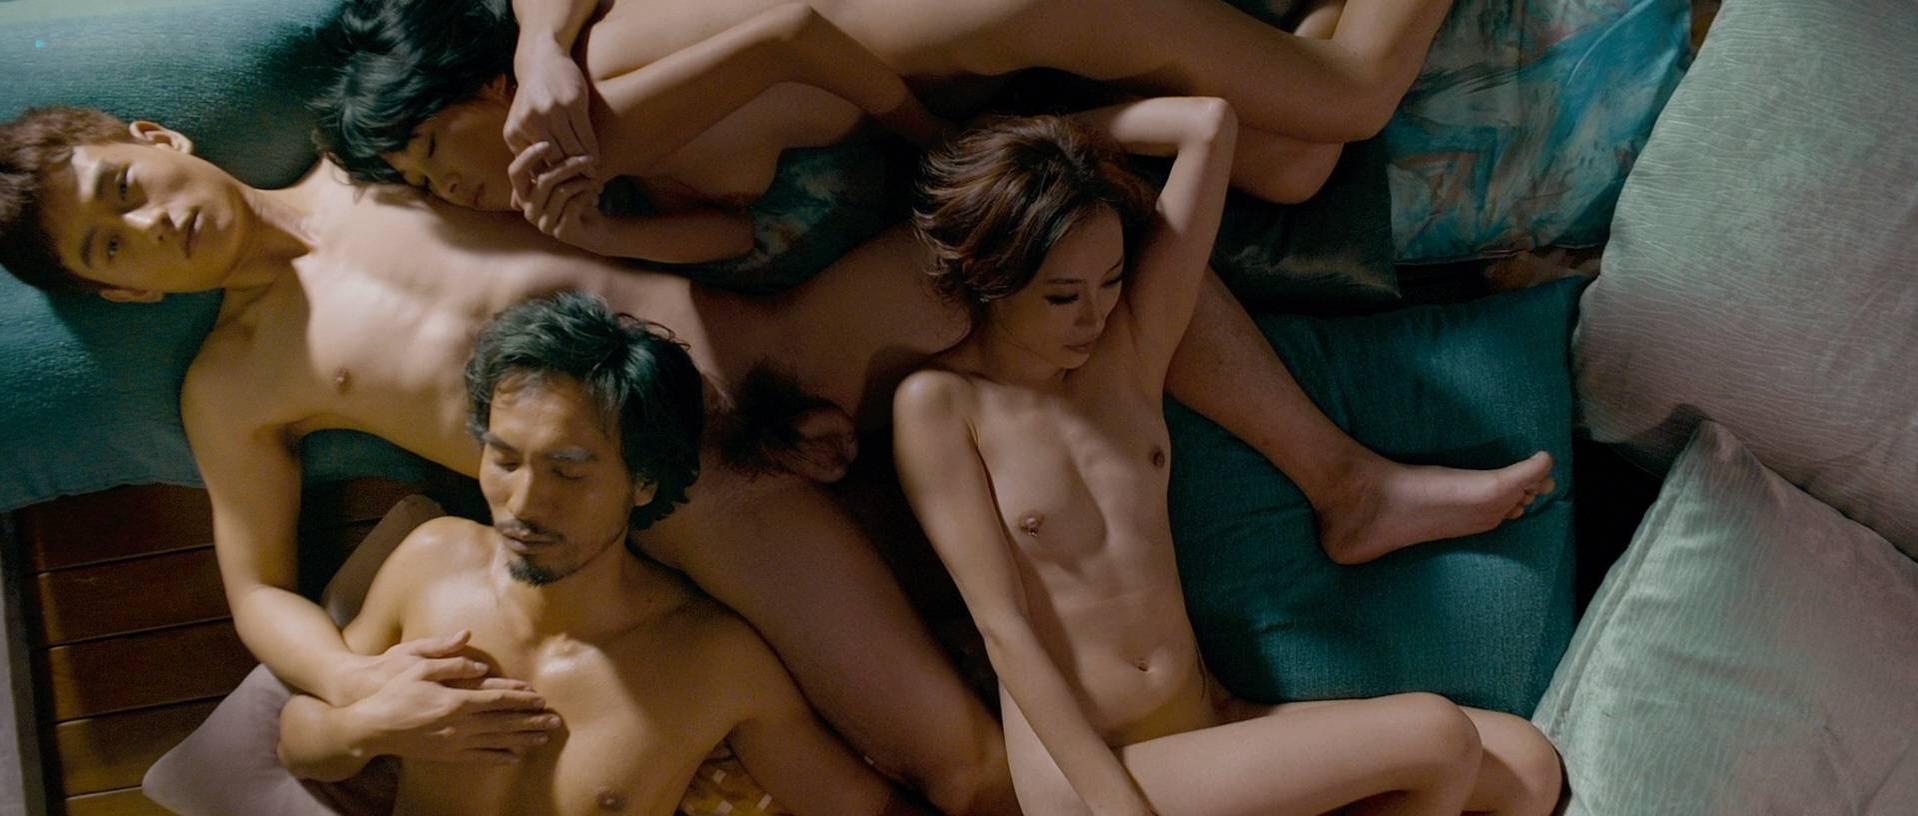 Fiona Wang nude, Jie Shui nude, Fiaona Cheung nude - Utopians (2015)